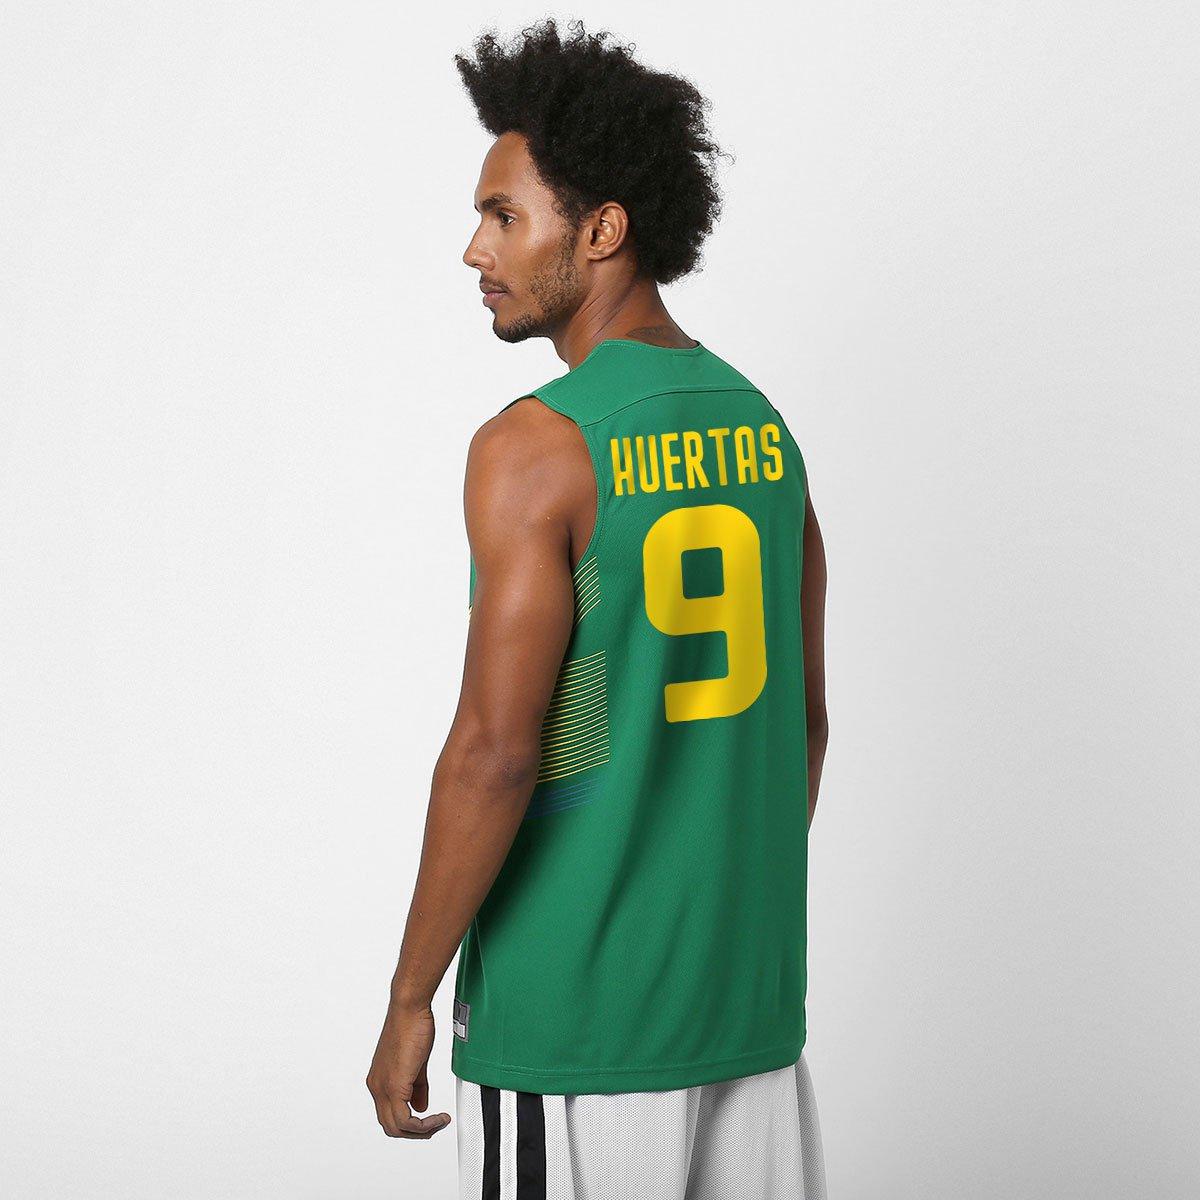 Camiseta Regata Nike Seleção Brasil Basquete - Huertas nº 9 - Compre Agora   1370c38a6425e